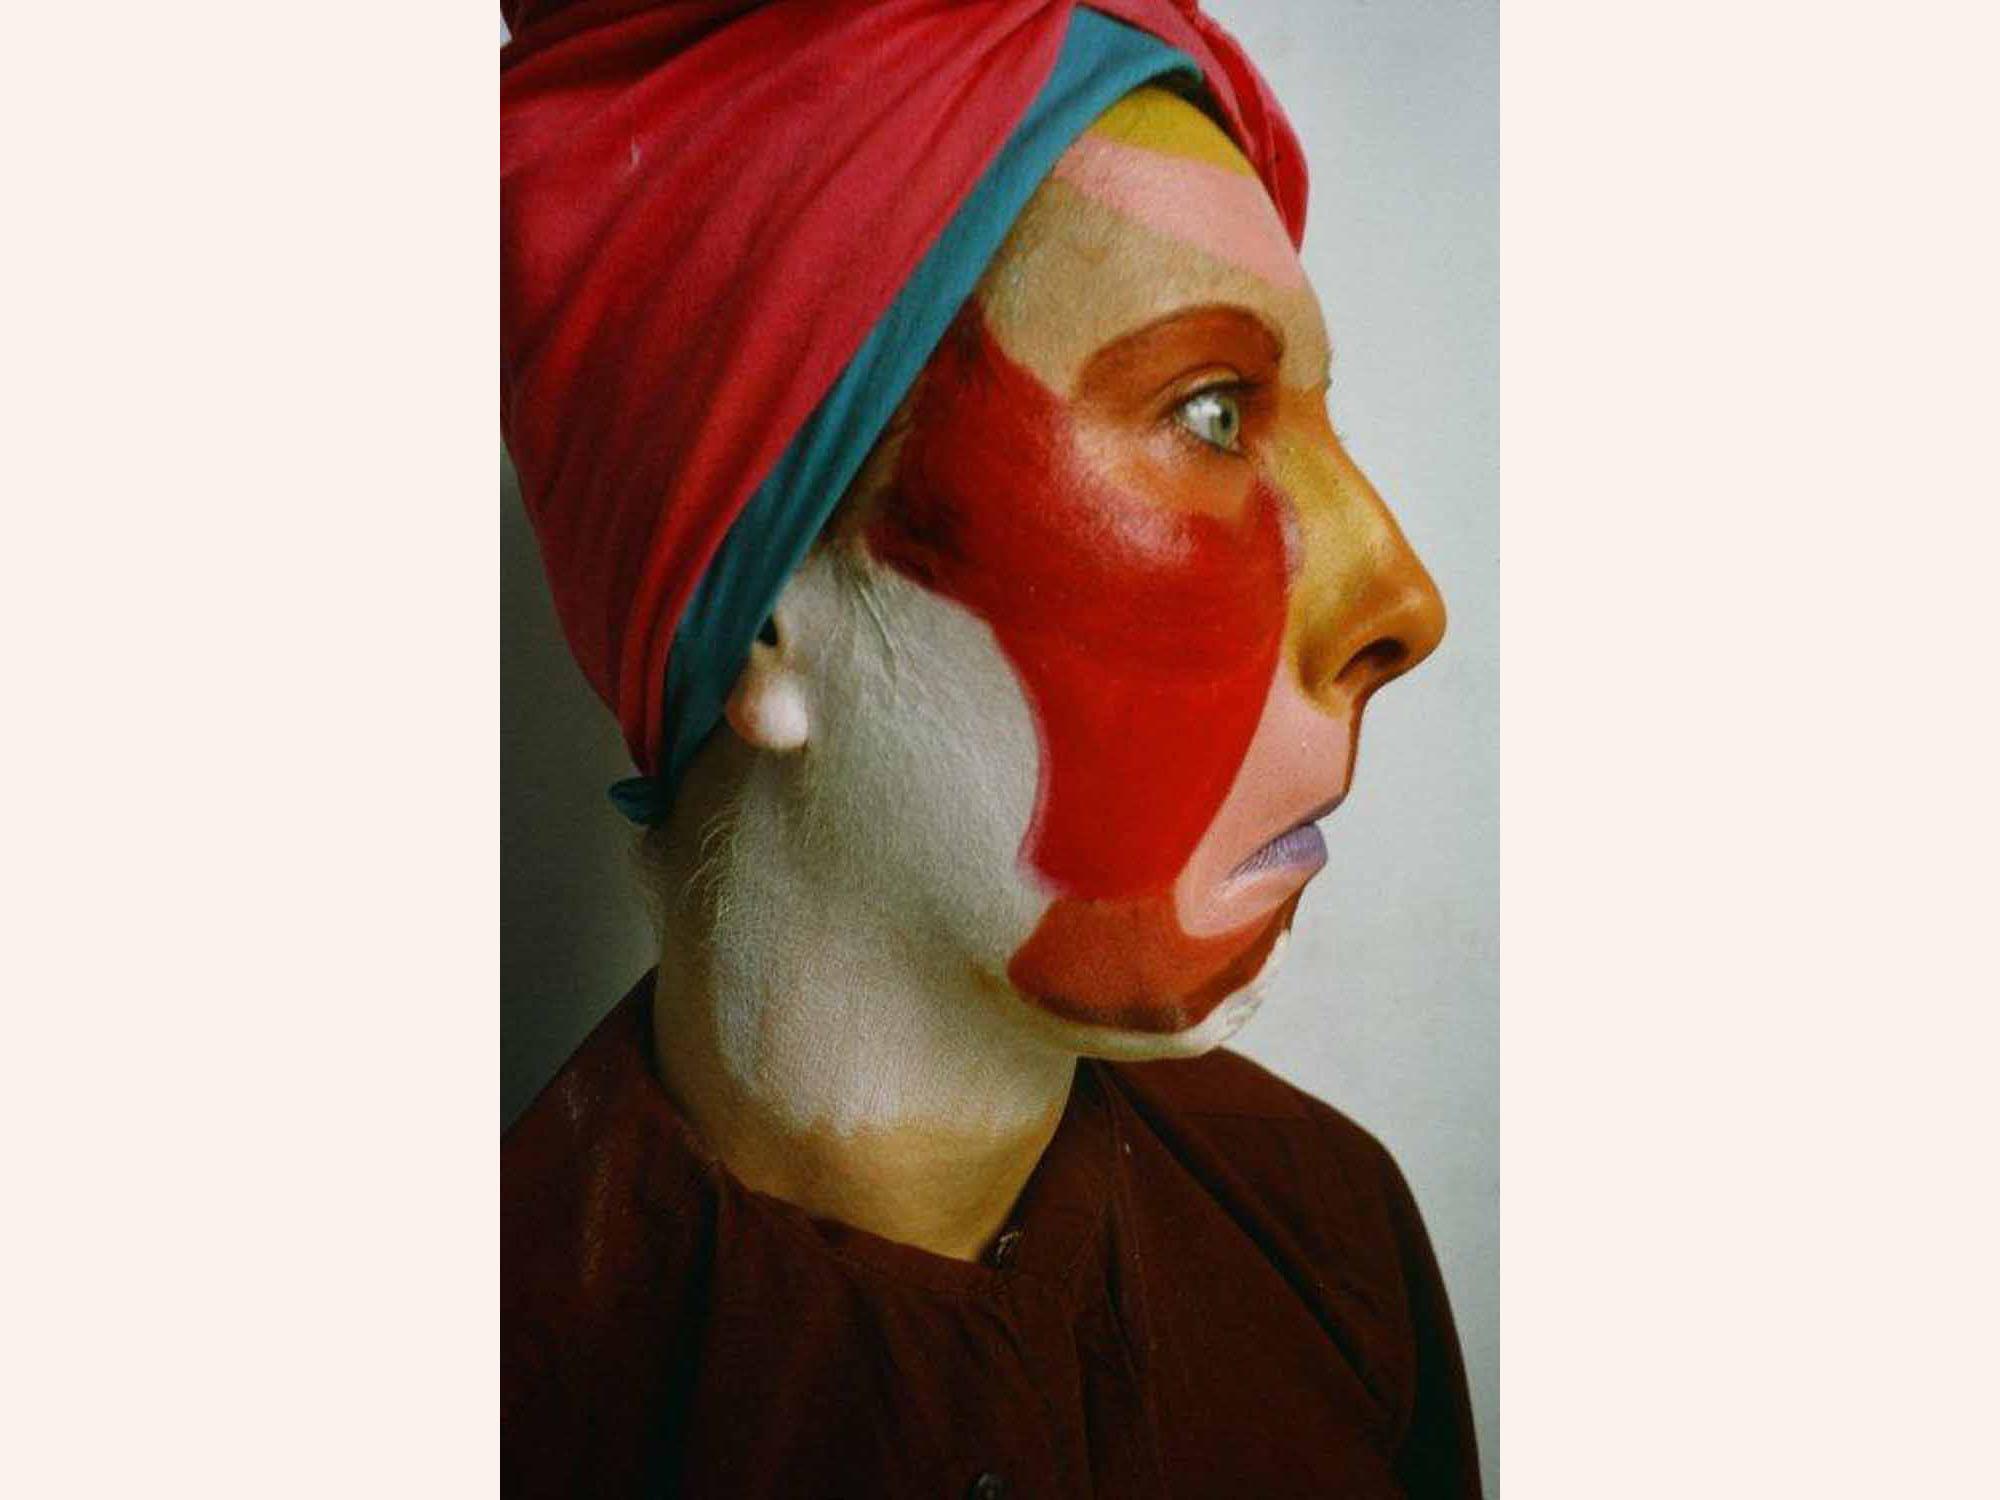 Silvia Ziranek, Projection Works, (1973). House in Barnes, London.